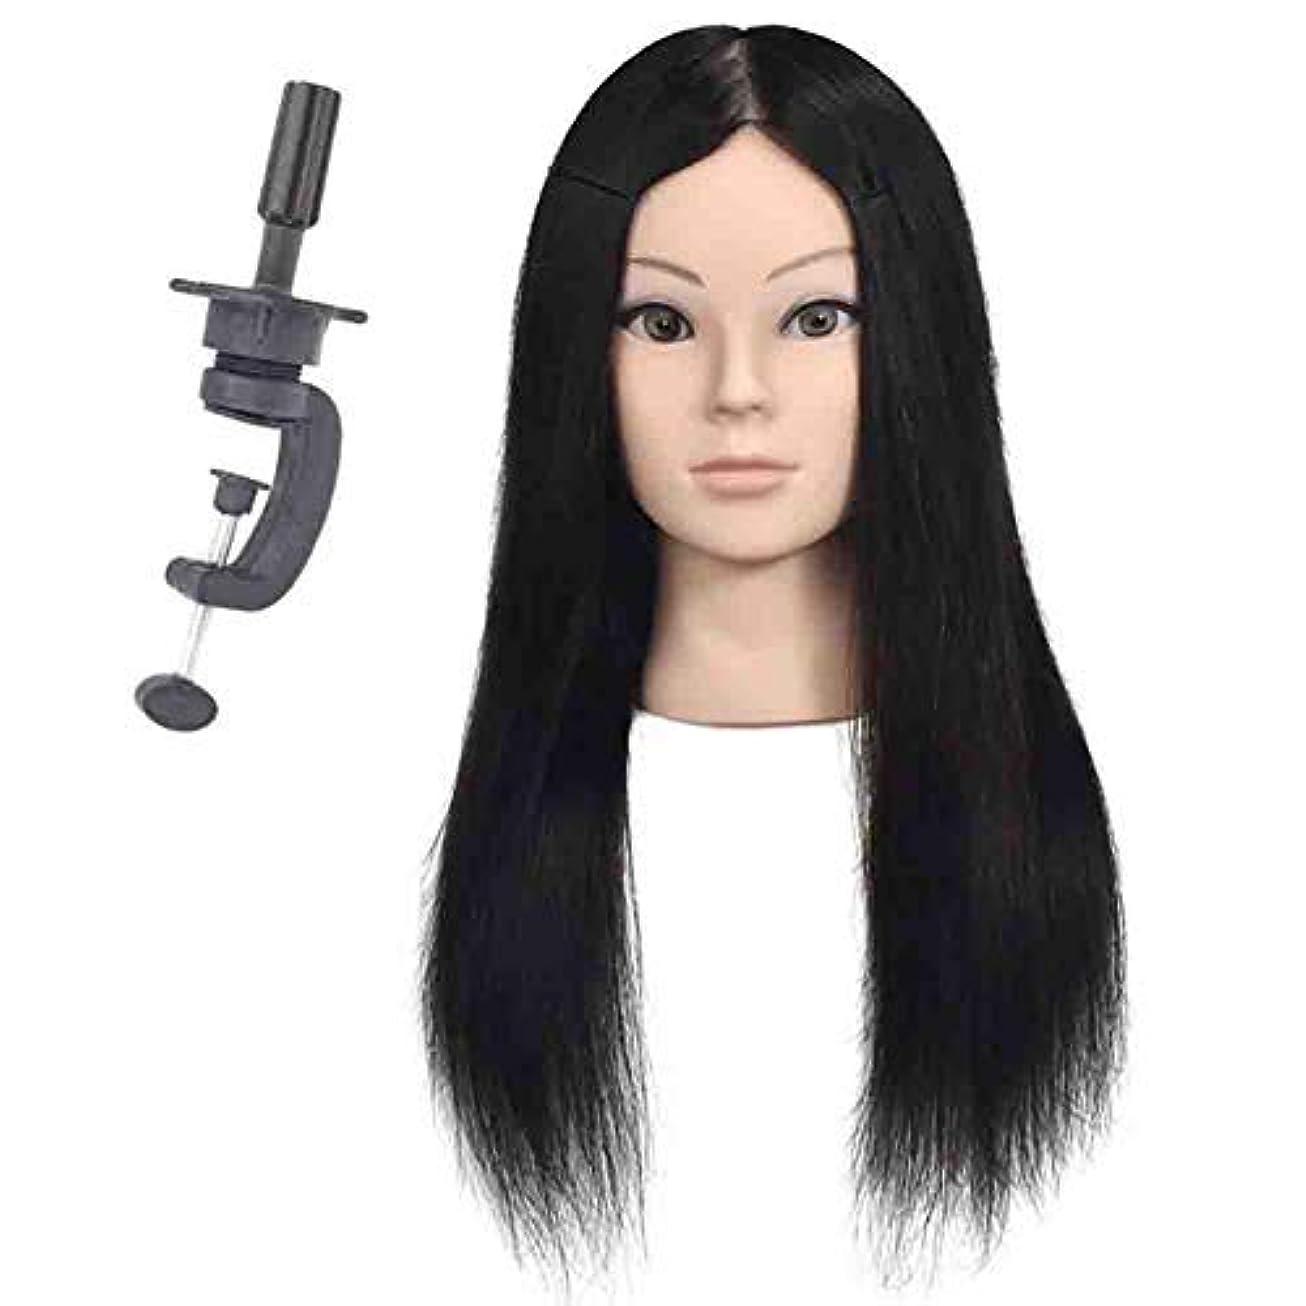 キャンペーン太陽ズボンリアルヘアスタイリングマネキンヘッド女性ヘッドモデル教育ヘッド理髪店編組ヘア染色学習ダミーヘッド